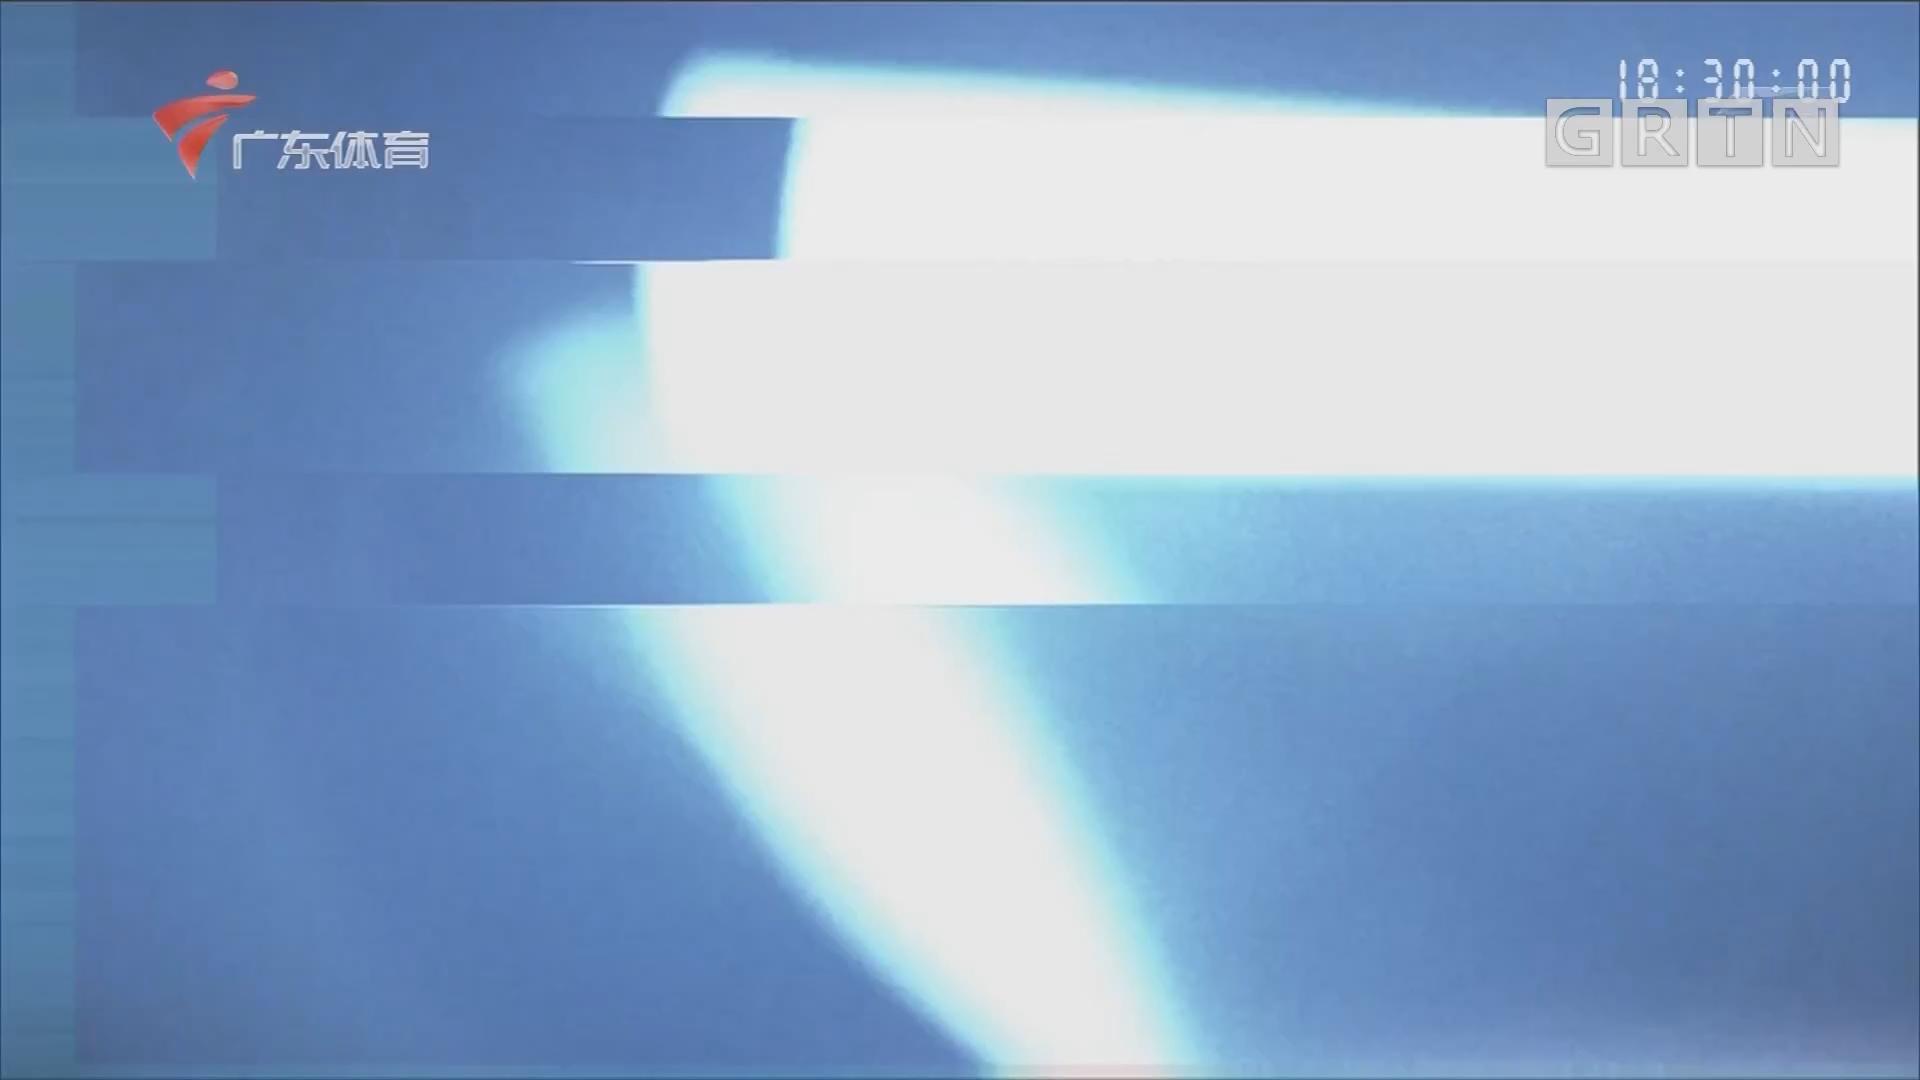 [HD][2020-01-10]体育世界:2020年珠海羽毛球邀请赛顺利开赛